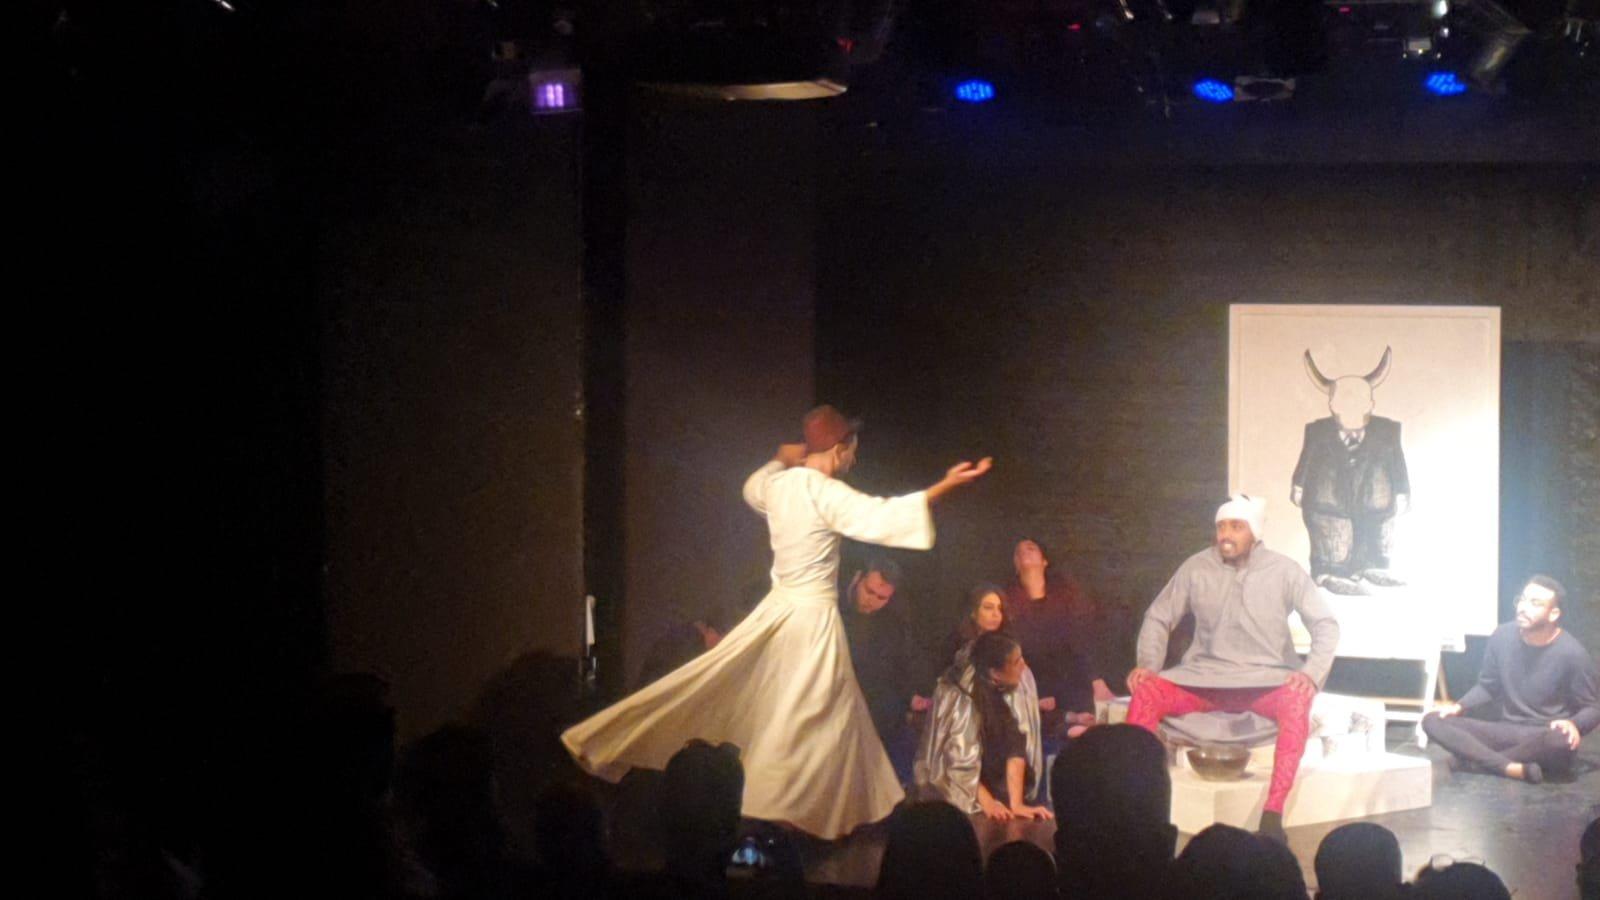 أكاديمية فرينج الناصرة تحتفل هذا الأسبوع بتخريج الفوج الثاني من طلاب فرع التمثيل الجدد وعرض مسرحيتهم الأولى-3